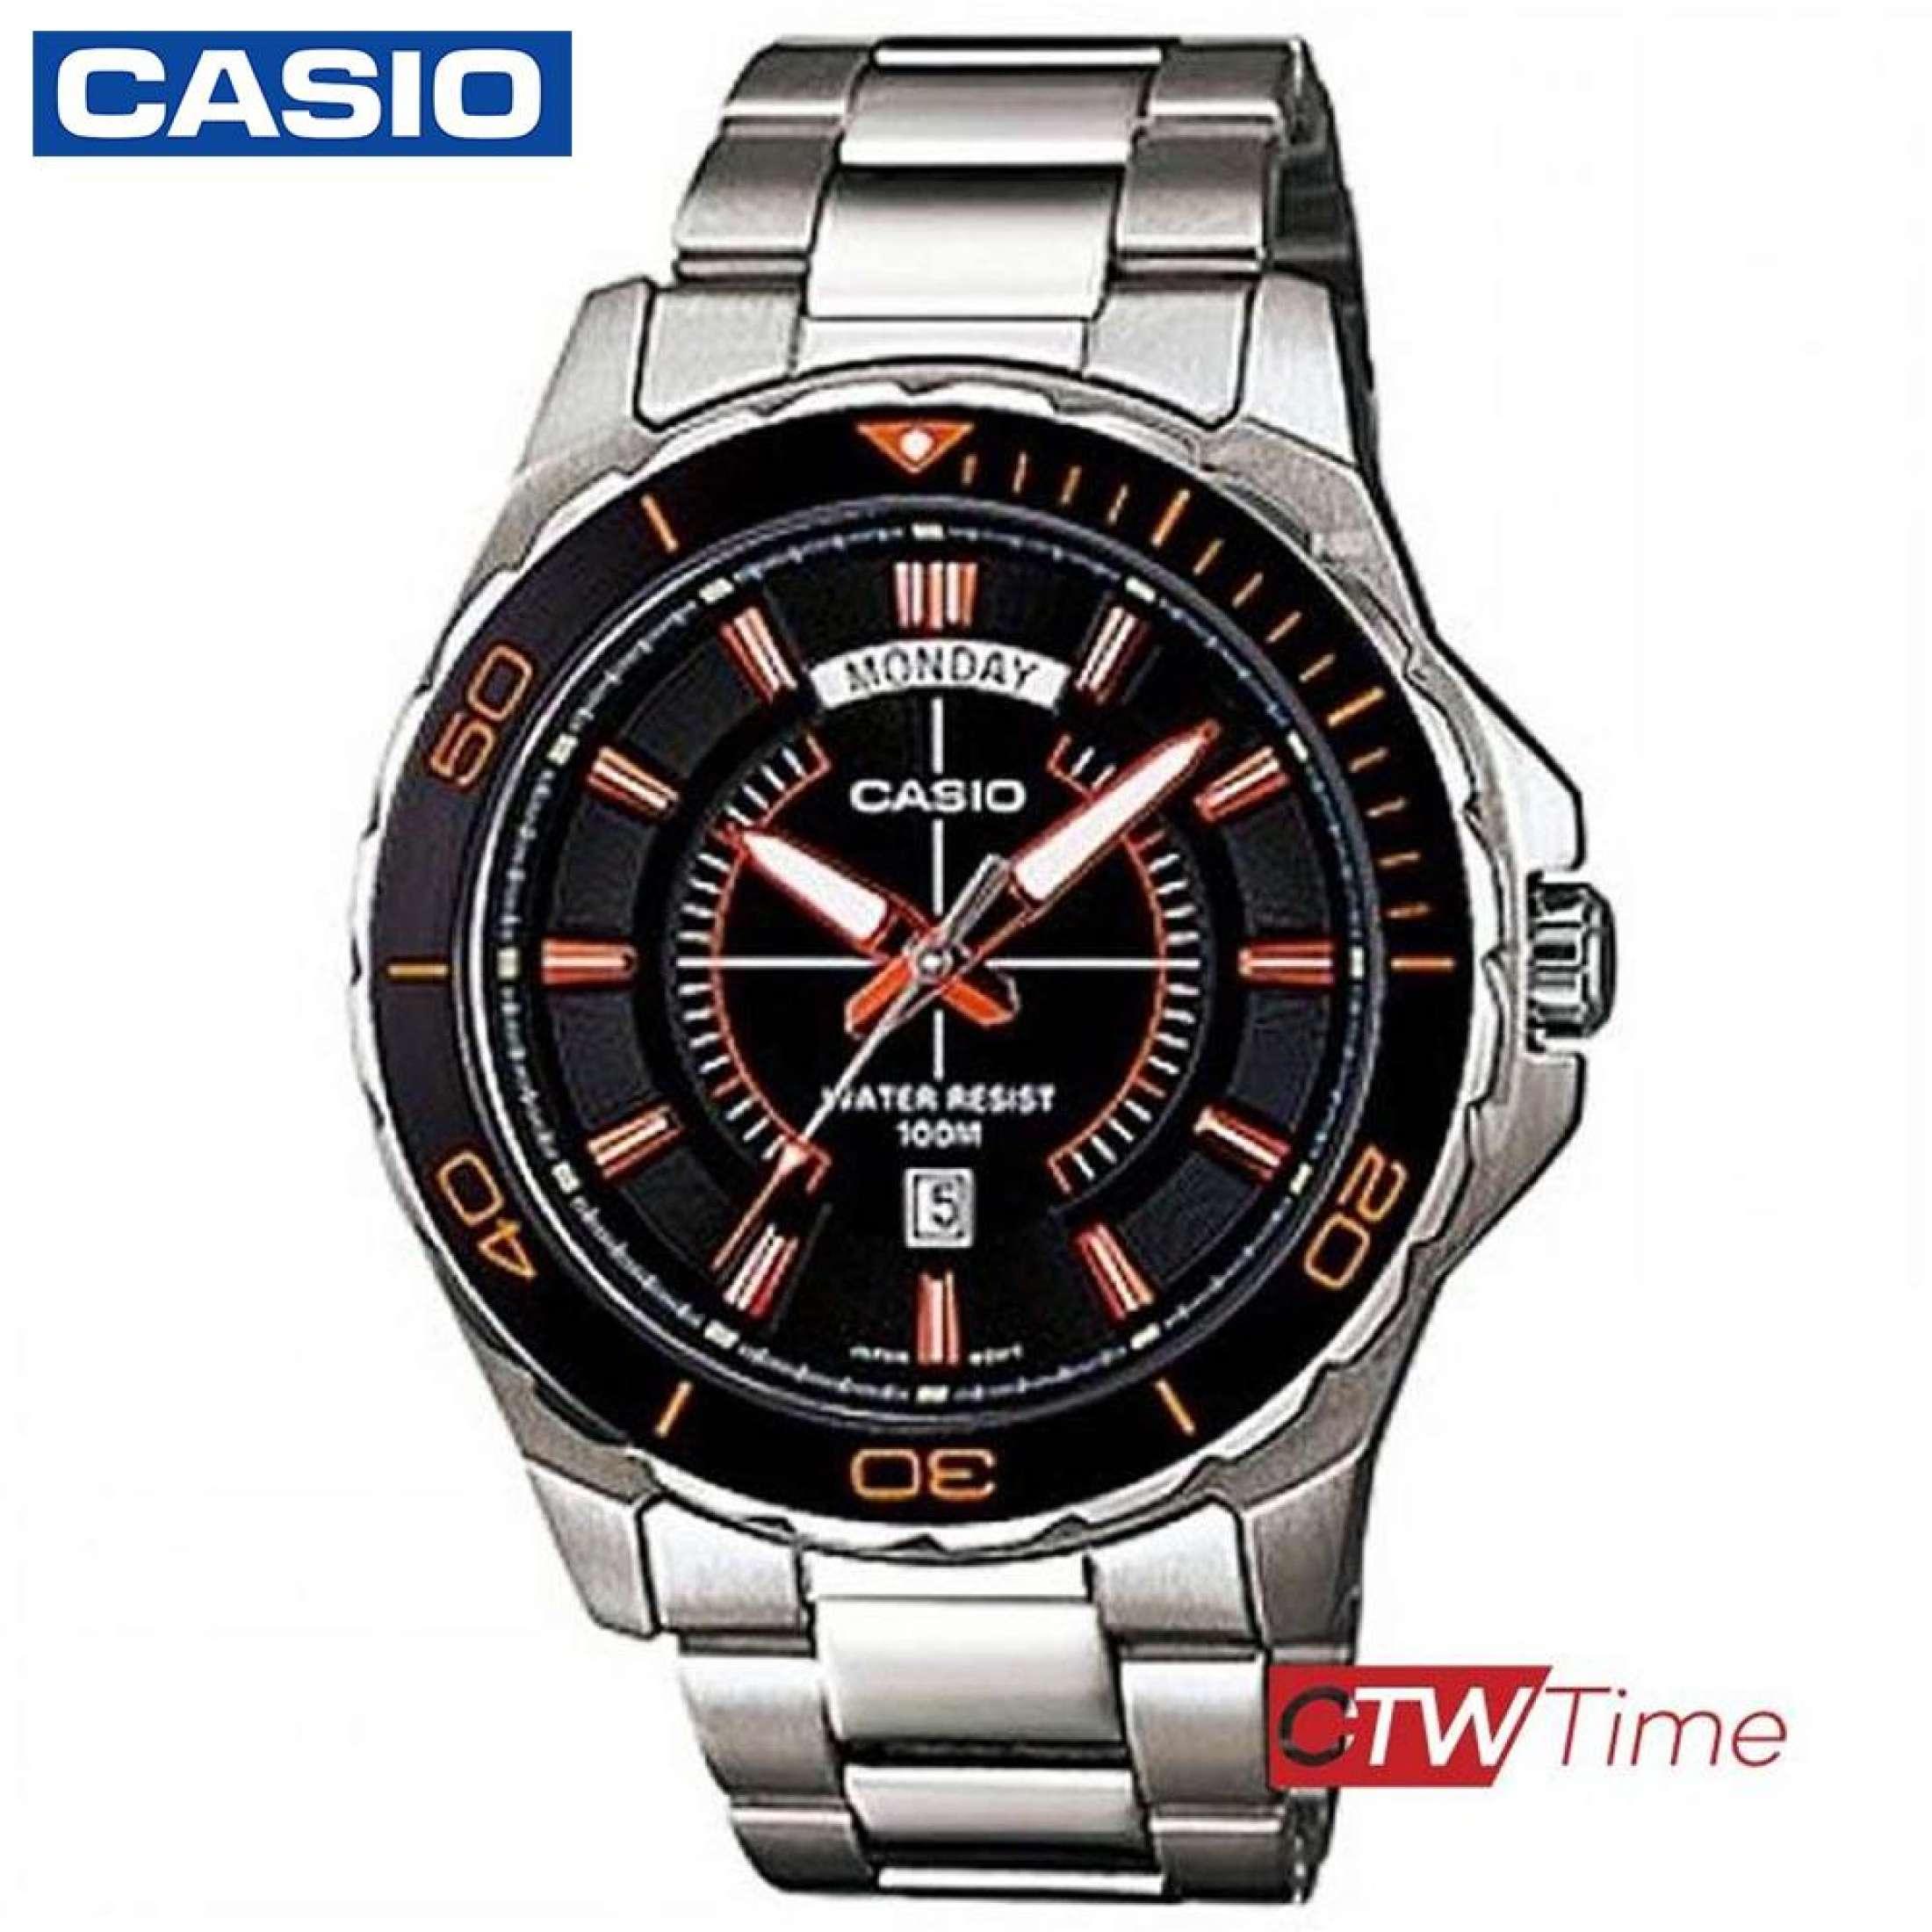 ส่งฟรี !! Casio Standard นาฬิกาข้อมือสุภาพบุรุษ สายสแตนเลส รุ่น MTD-1076D-1A4VDF - Silver 0Y8d